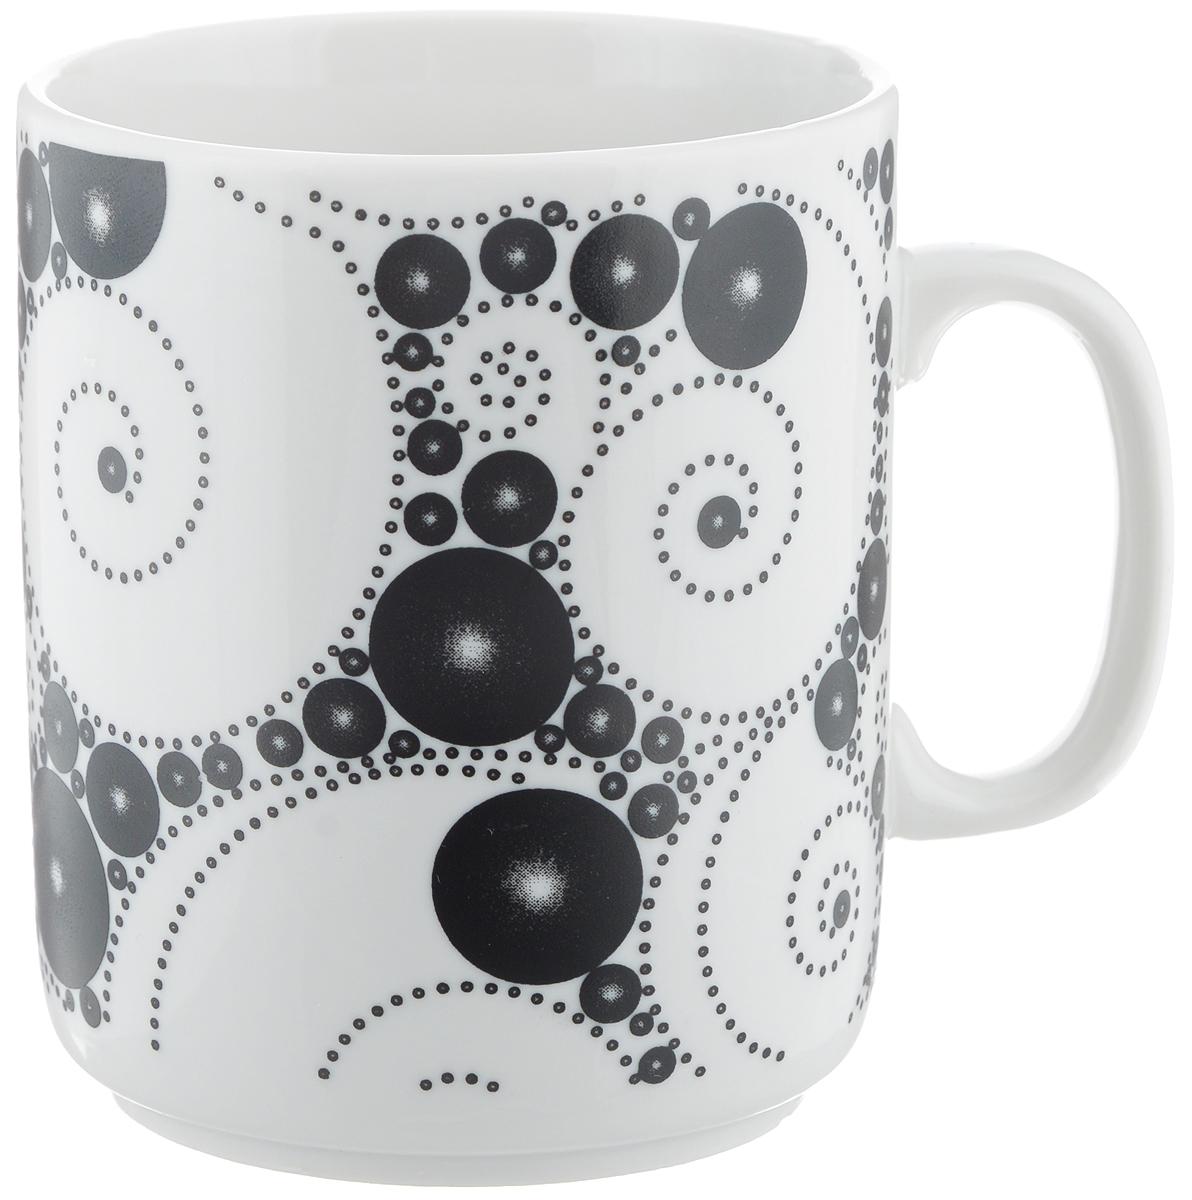 Кружка Фарфор Вербилок Жемчужный, 300 мл9461640Кружка Фарфор Вербилок Жемчужный способна скрасить любое чаепитие. Изделие выполнено из высококачественного фарфора. Посуда из такого материала позволяет сохранить истинный вкус напитка, а также помогает ему дольше оставаться теплым.Диаметр по верхнему краю: 7,5 см.Высота кружки: 10 см.